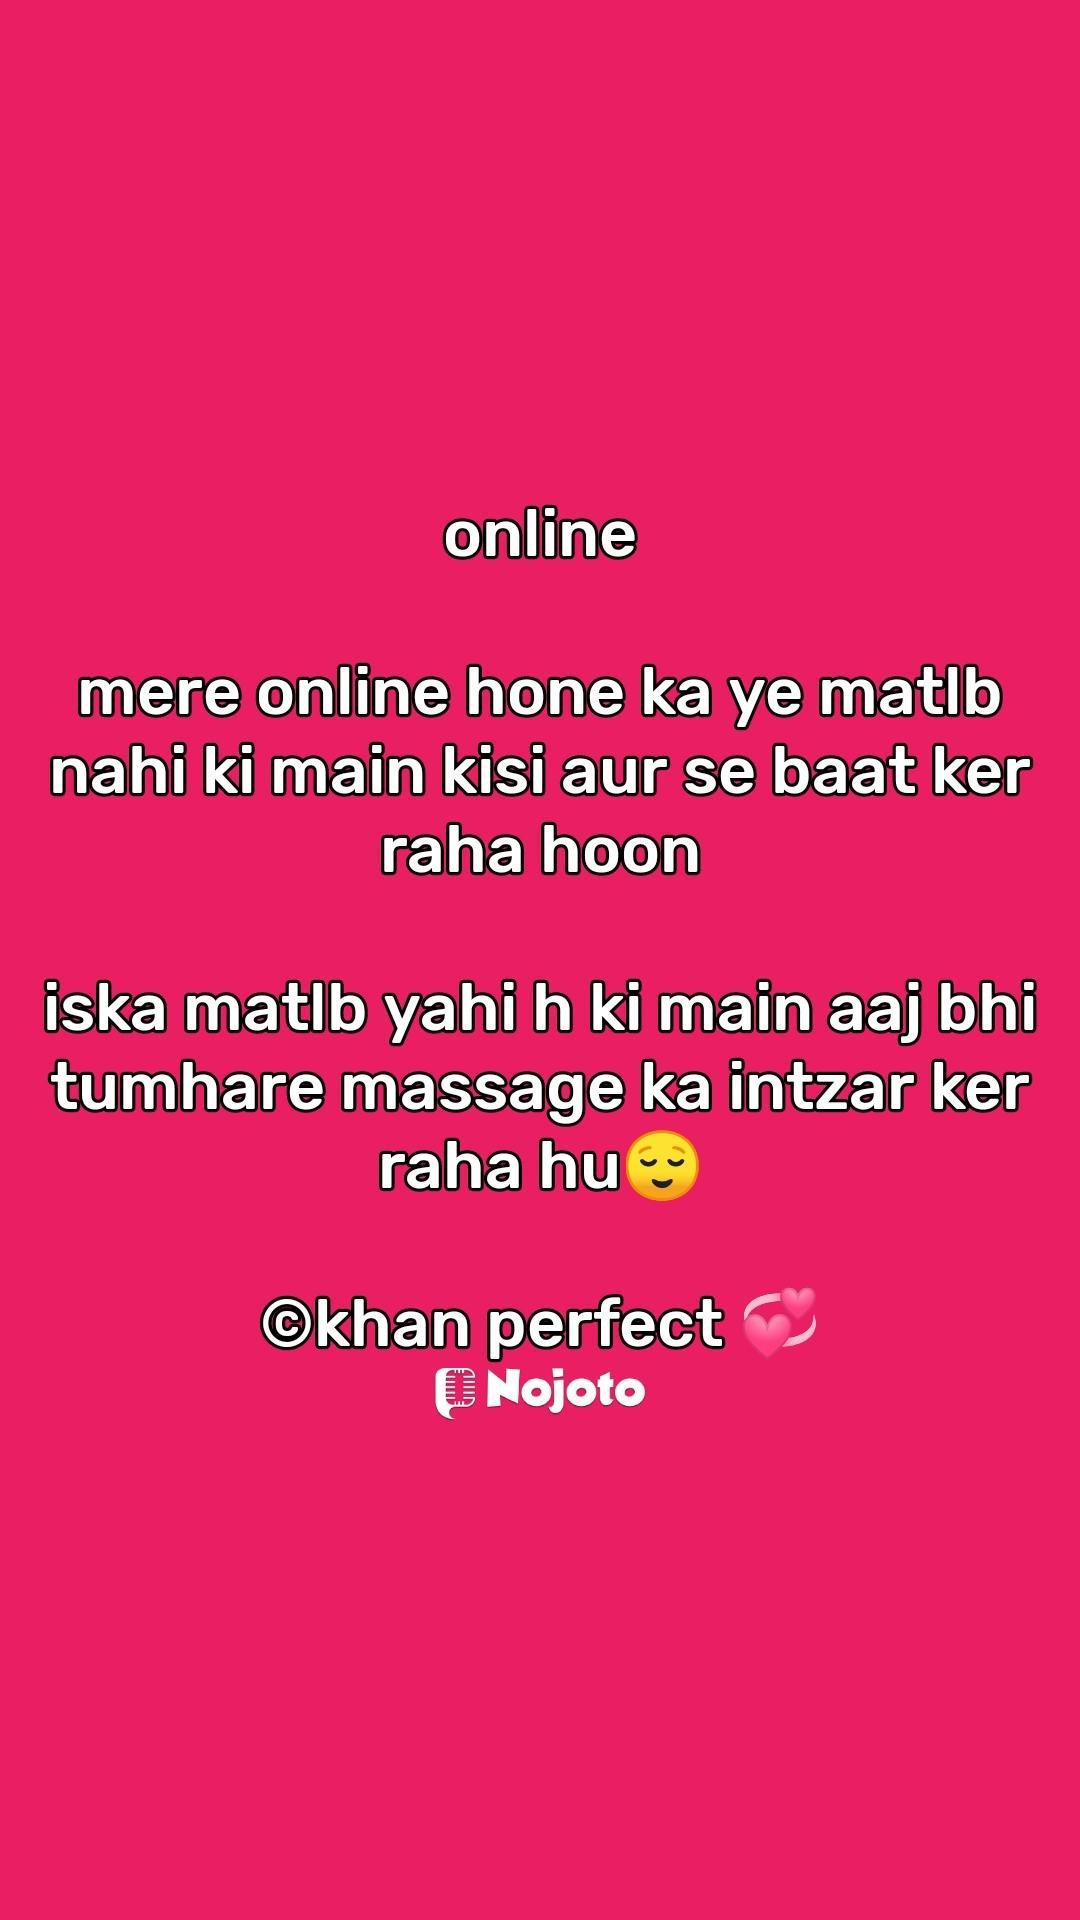 online  mere online hone ka ye matlb nahi ki main kisi aur se baat ker raha hoon  iska matlb yahi h ki main aaj bhi tumhare massage ka intzar ker raha hu😌  ©khan perfect 💞